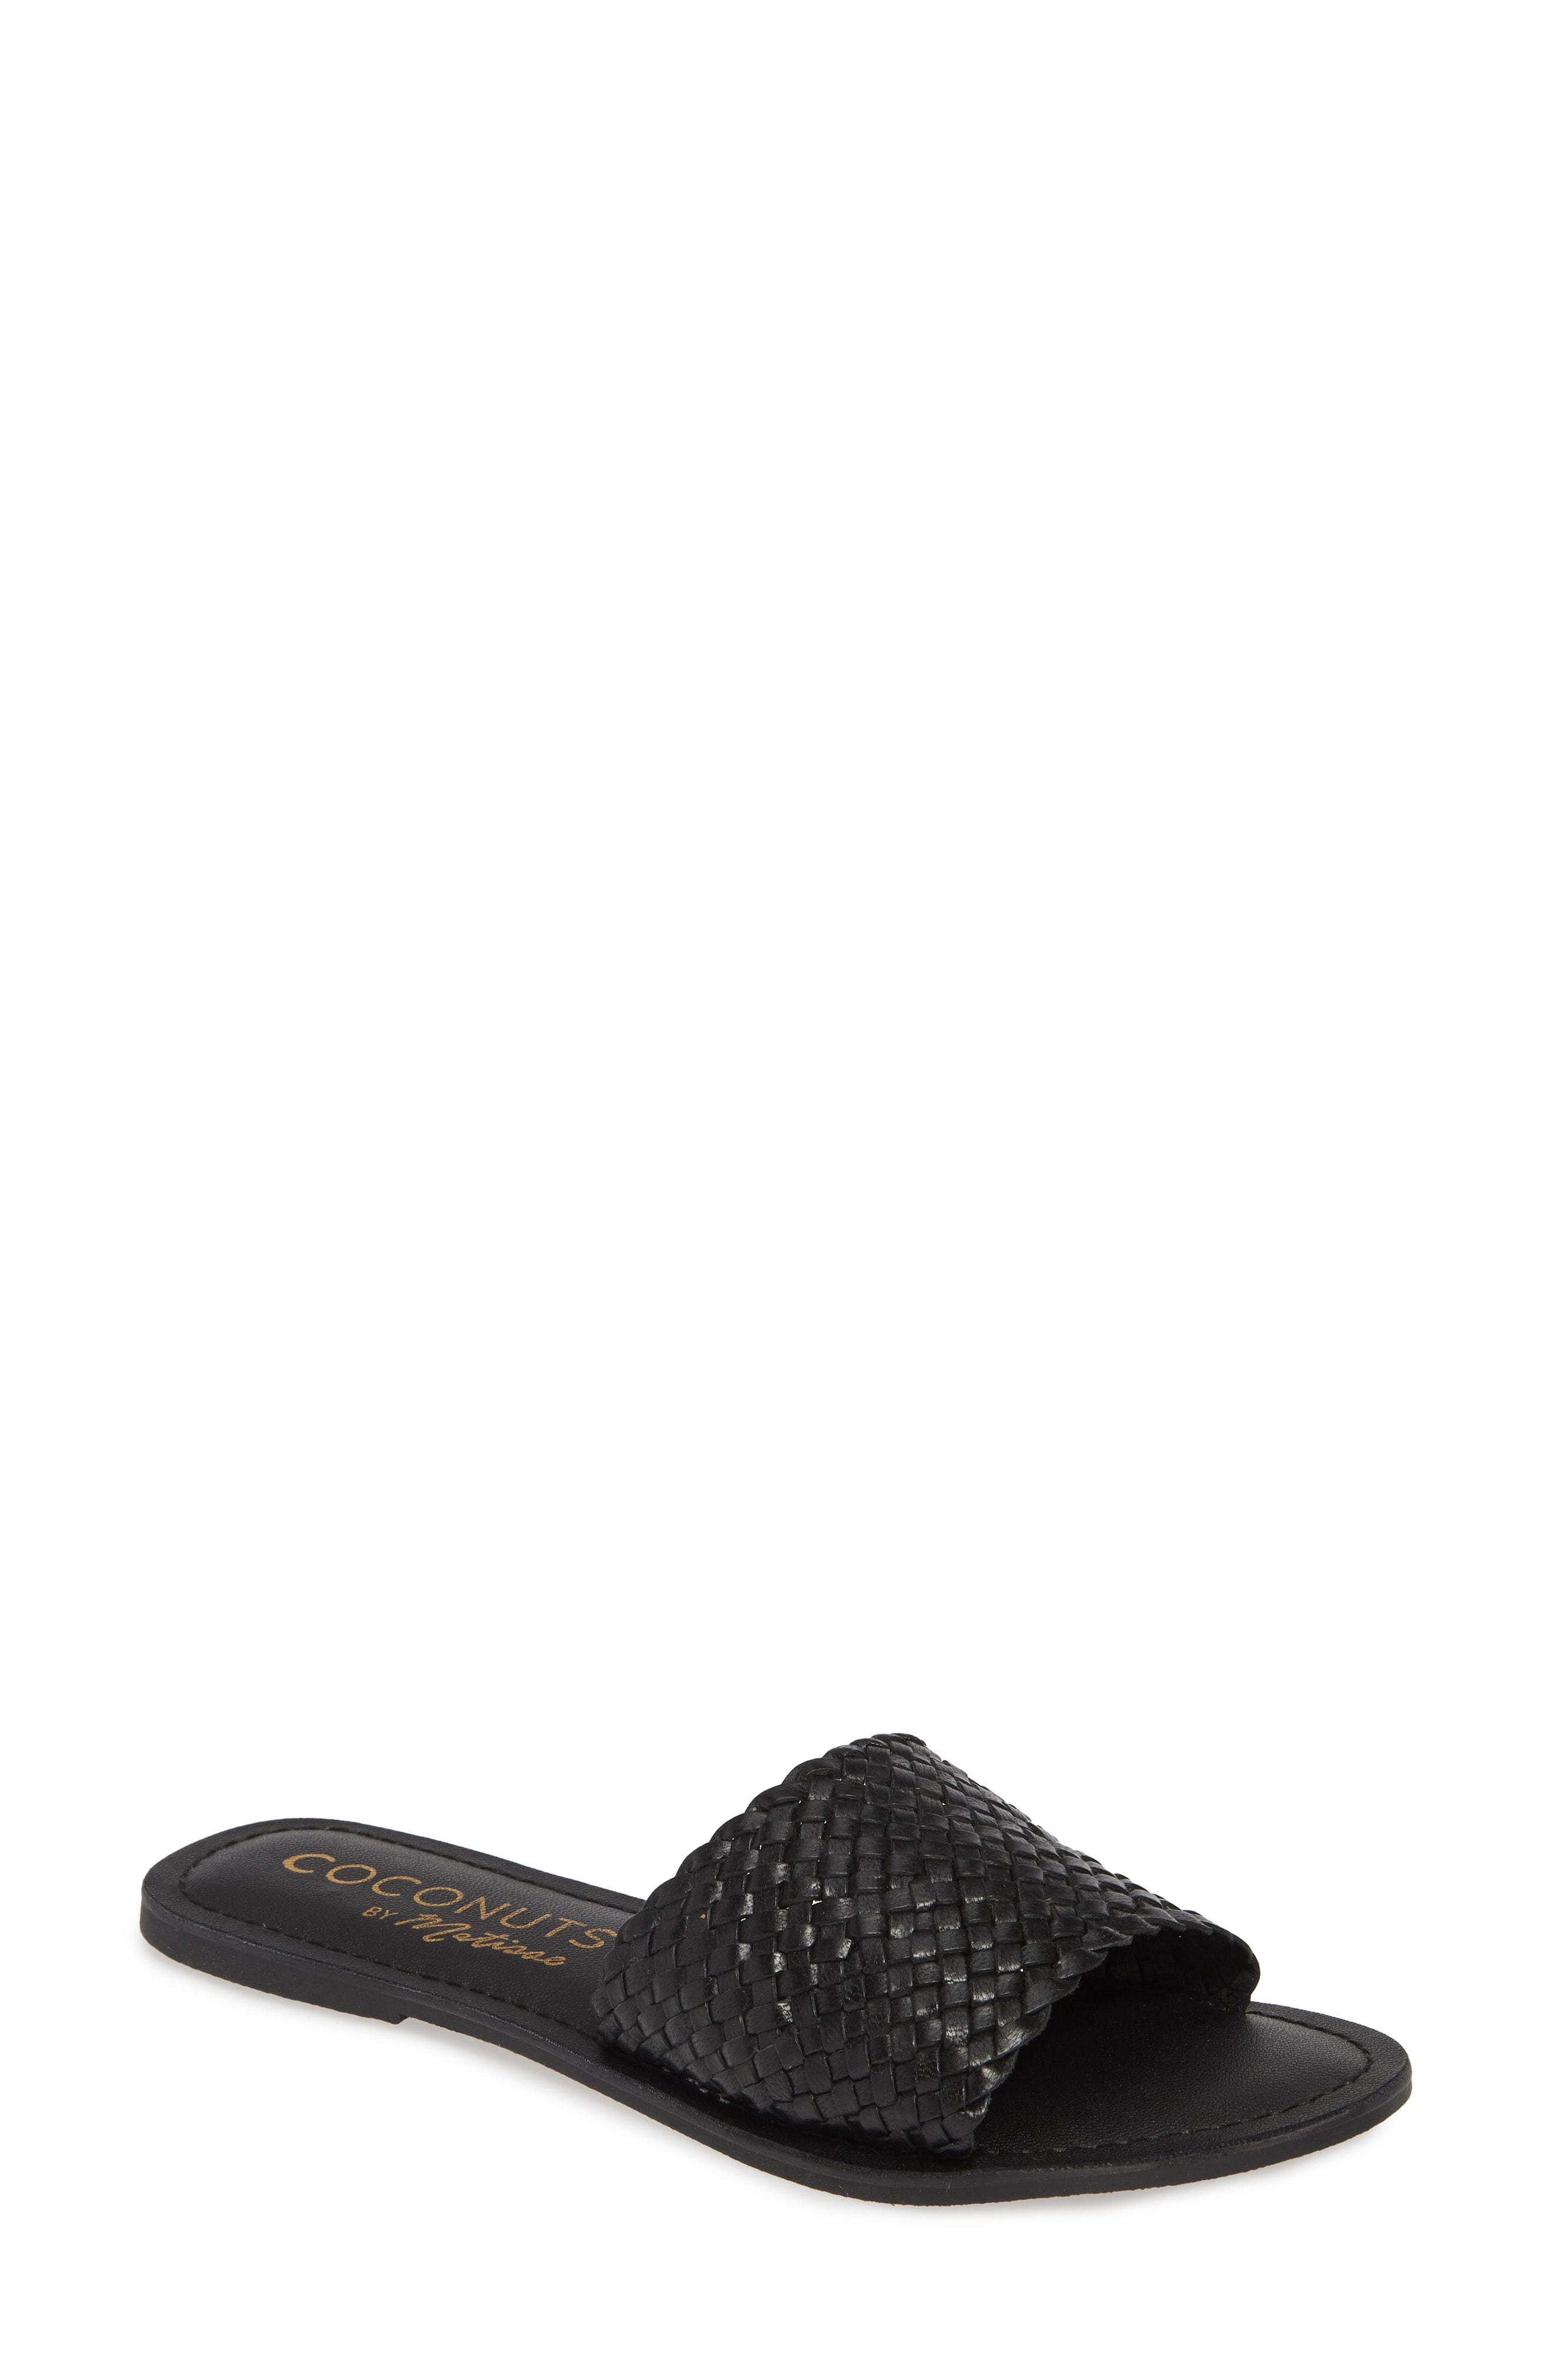 cb2df800e7bd62 Lyst - Matisse Zuma Woven Slide Sandal in Black